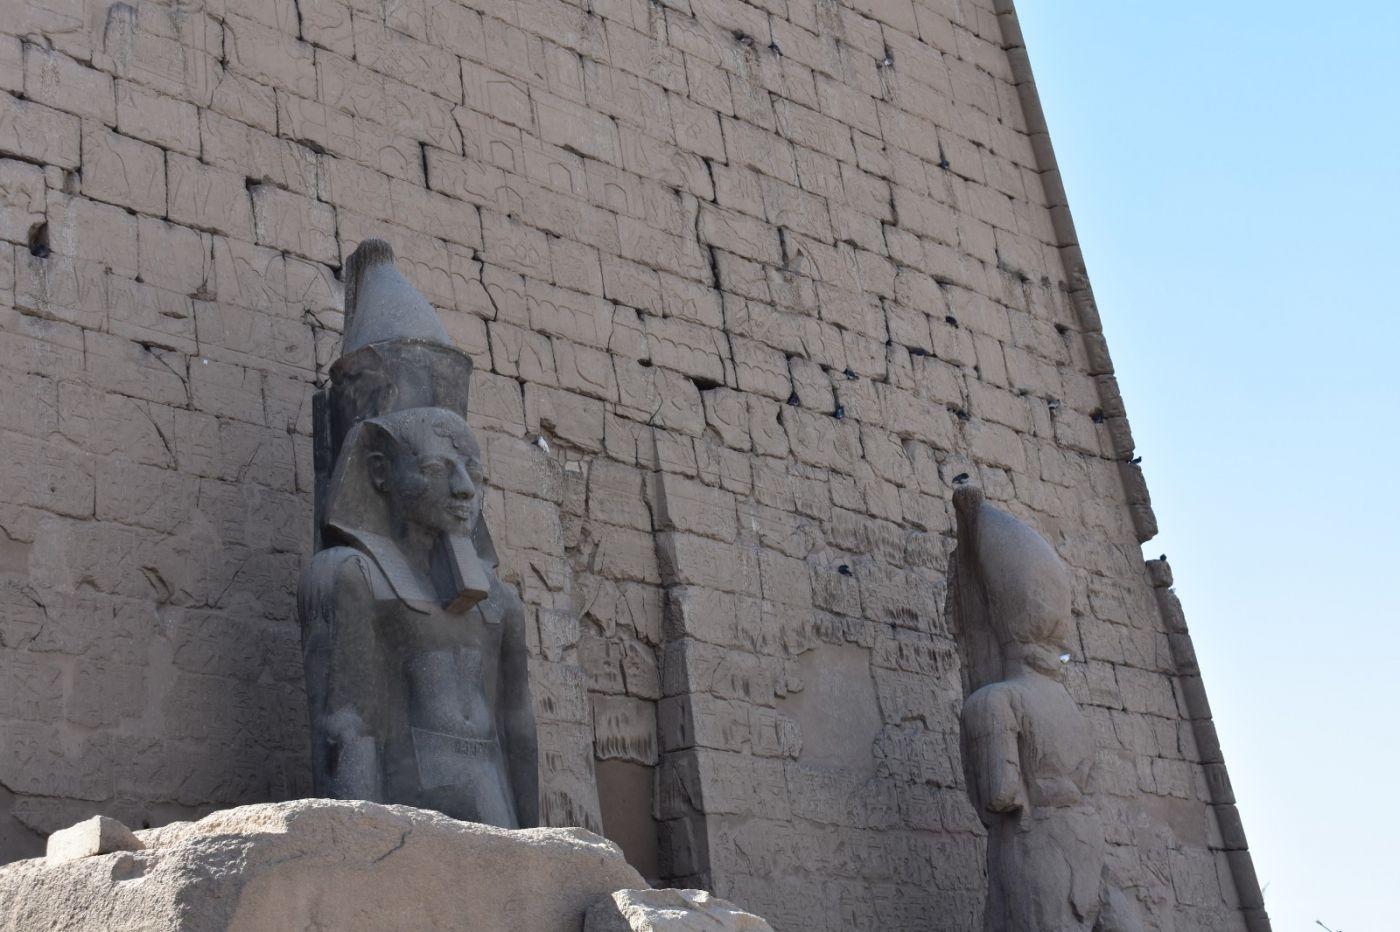 埃德富神庙和卢克索神庙_图1-23